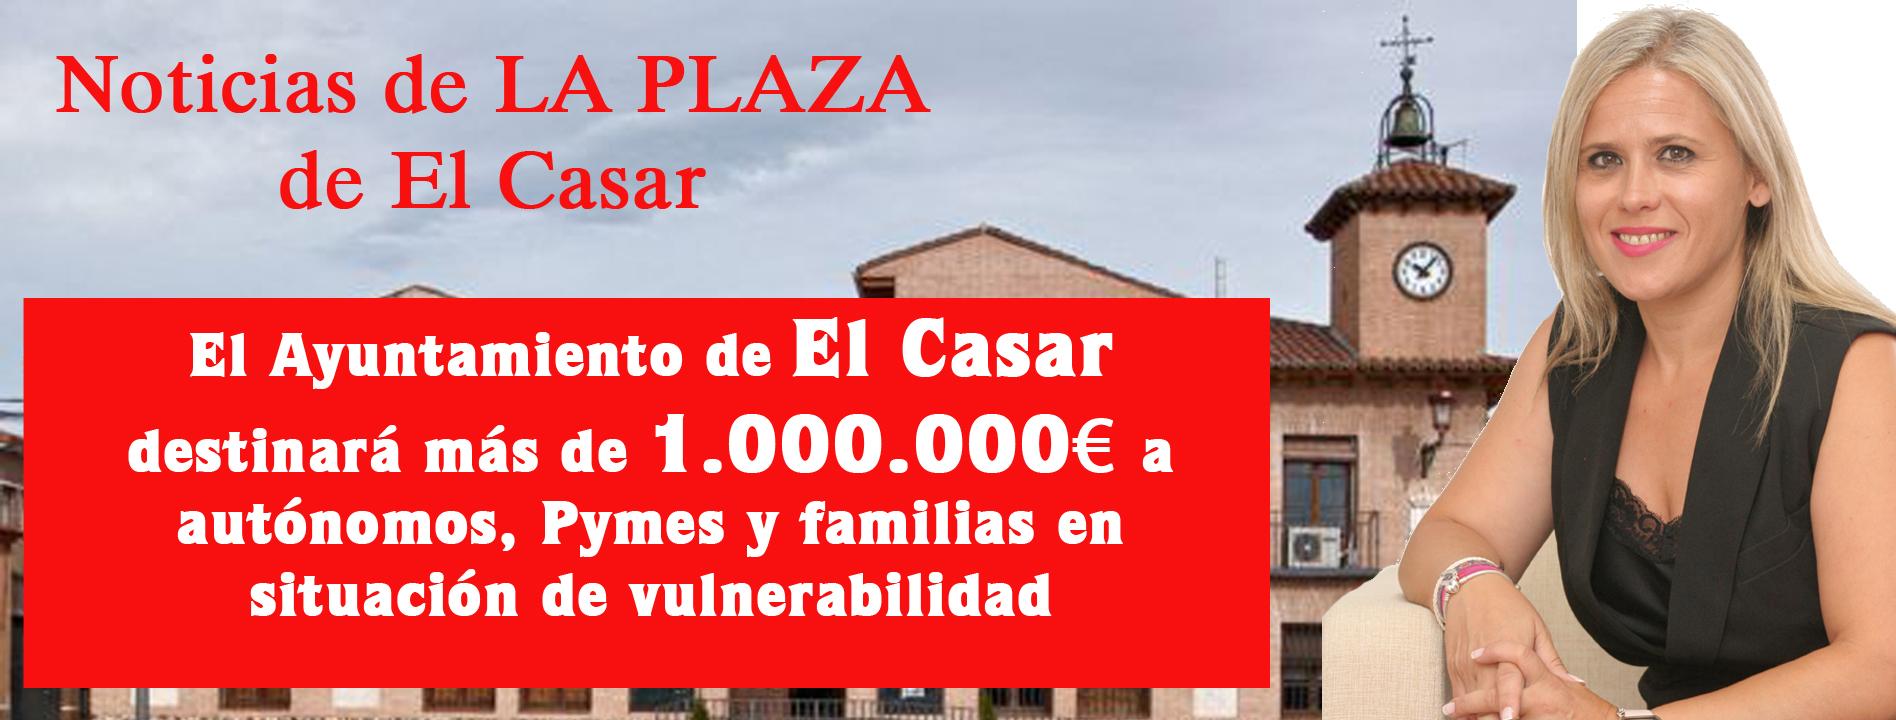 El Ayuntamiento de El Casar destinará más de 1.000.000 euros a autónomos, Pymes y familias en estado de vulnerabilidad